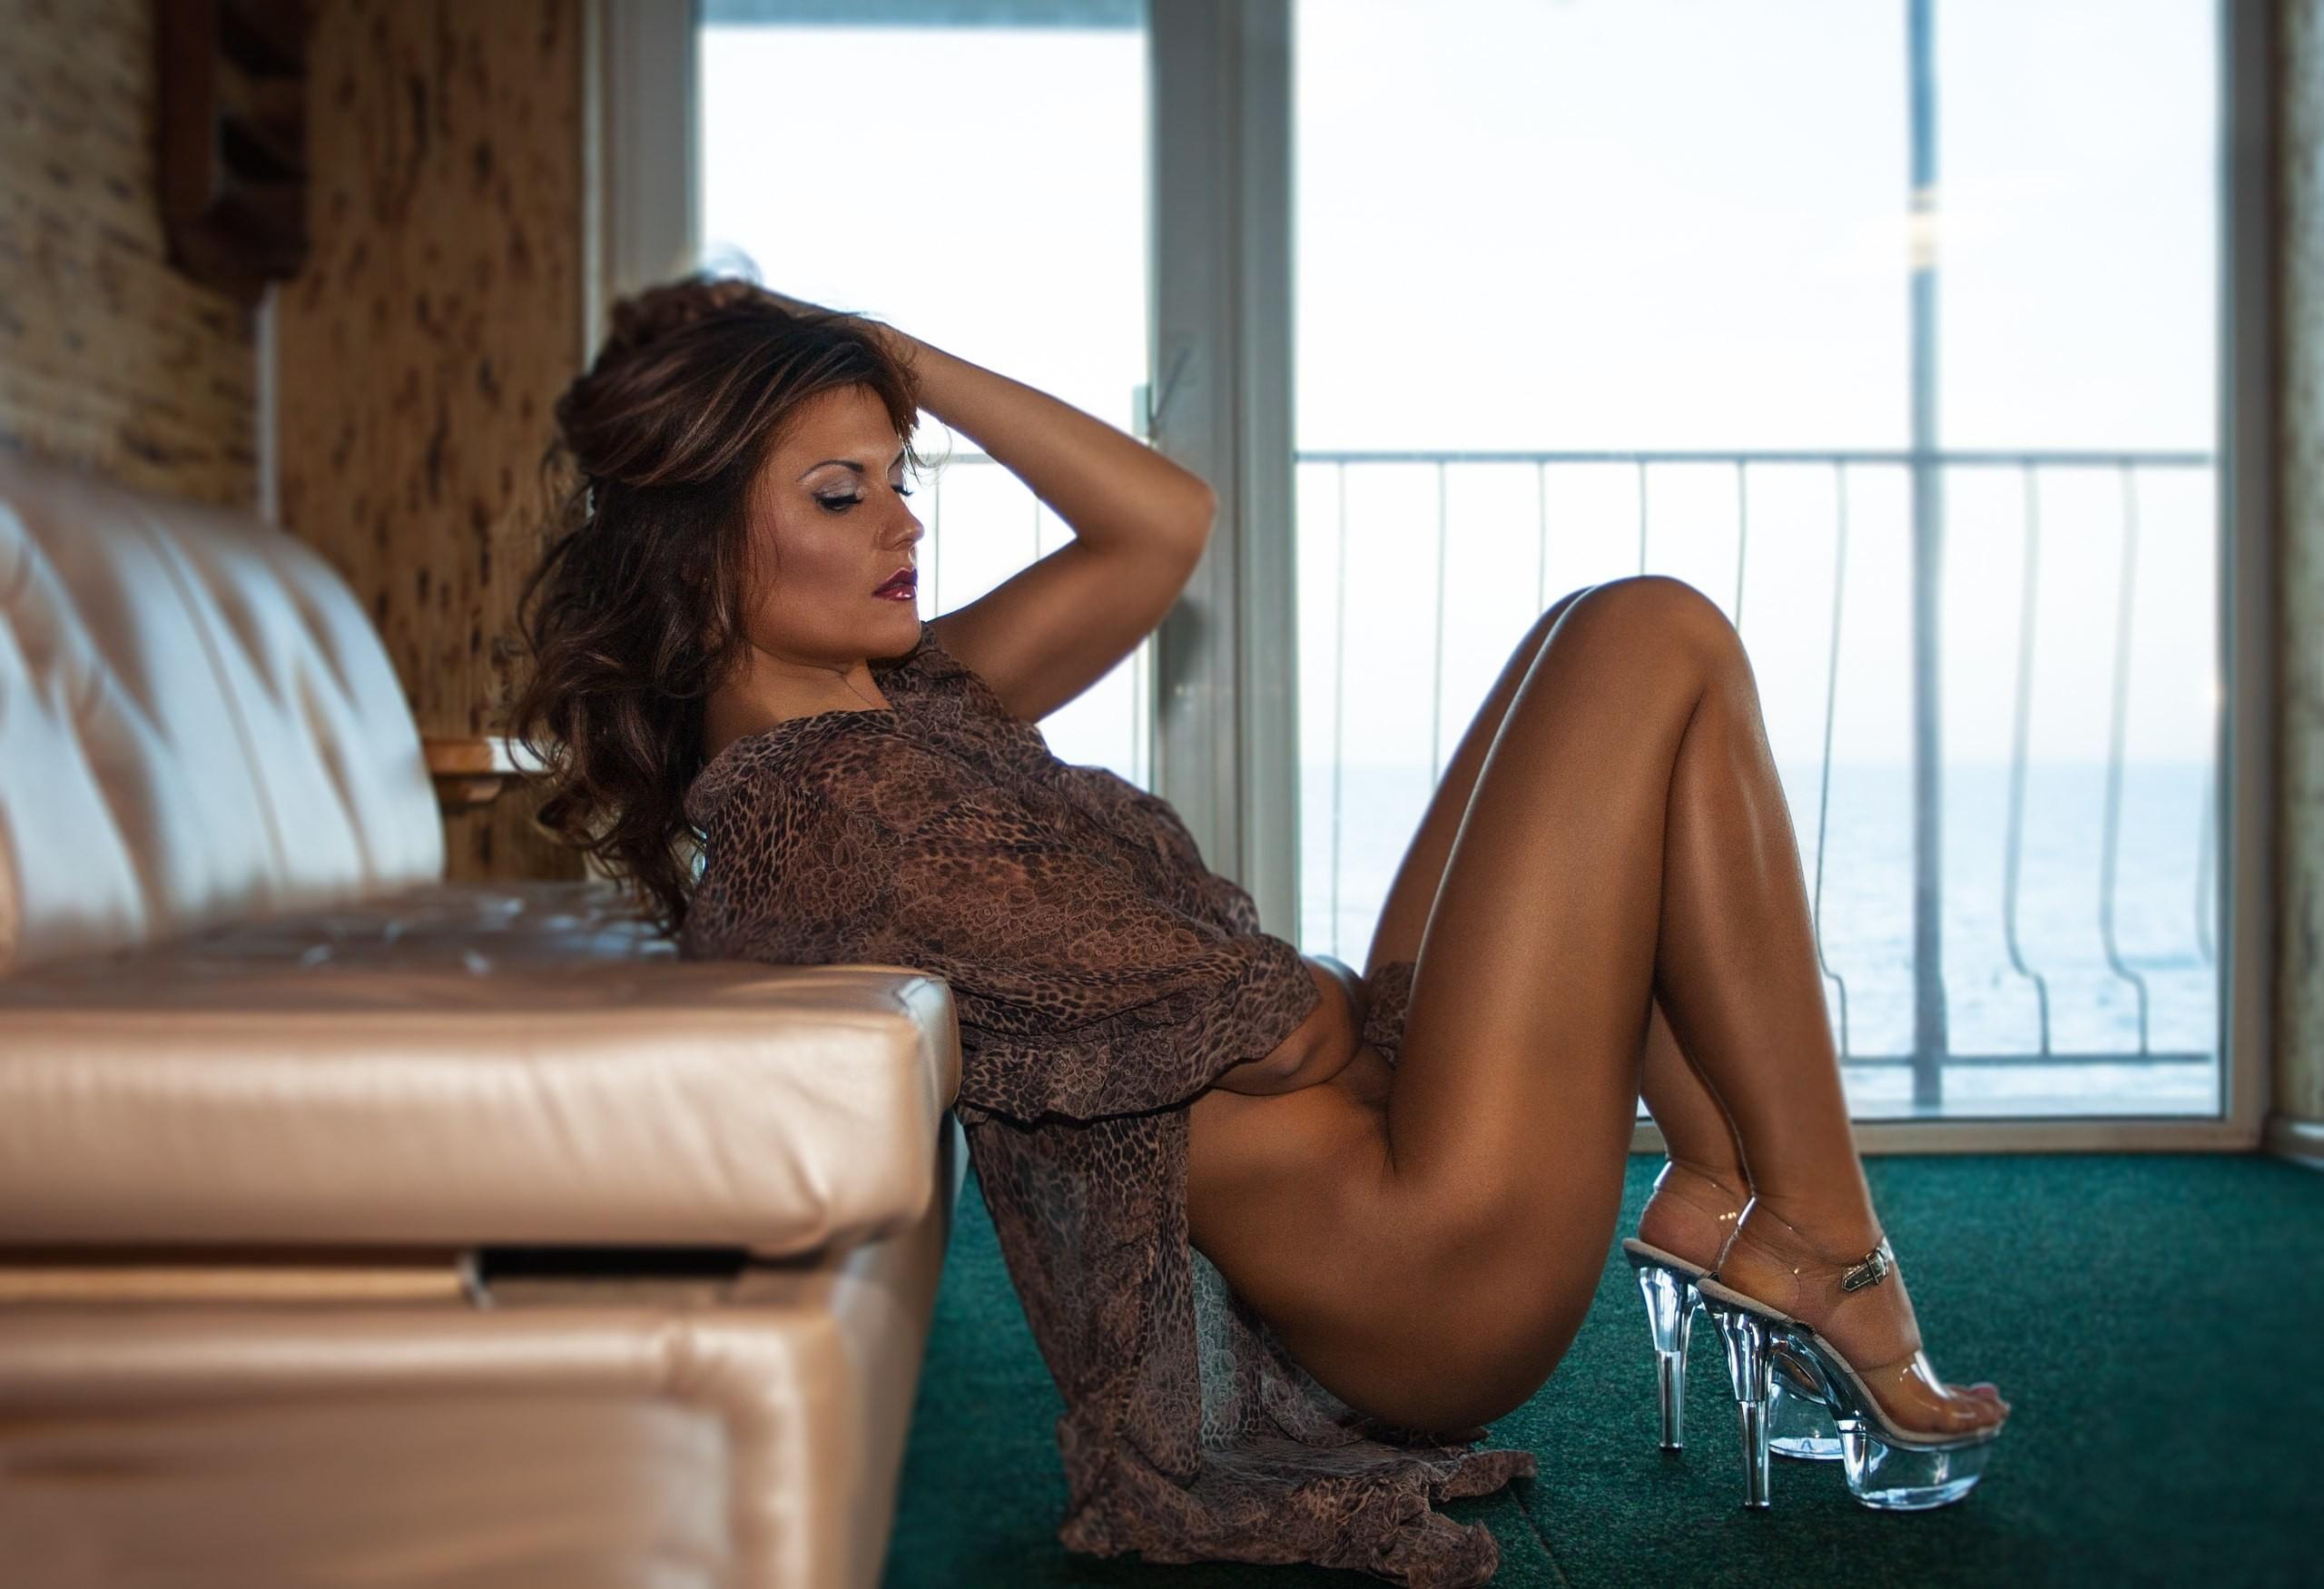 С любовницей в номере отеля порно фото бесплатно